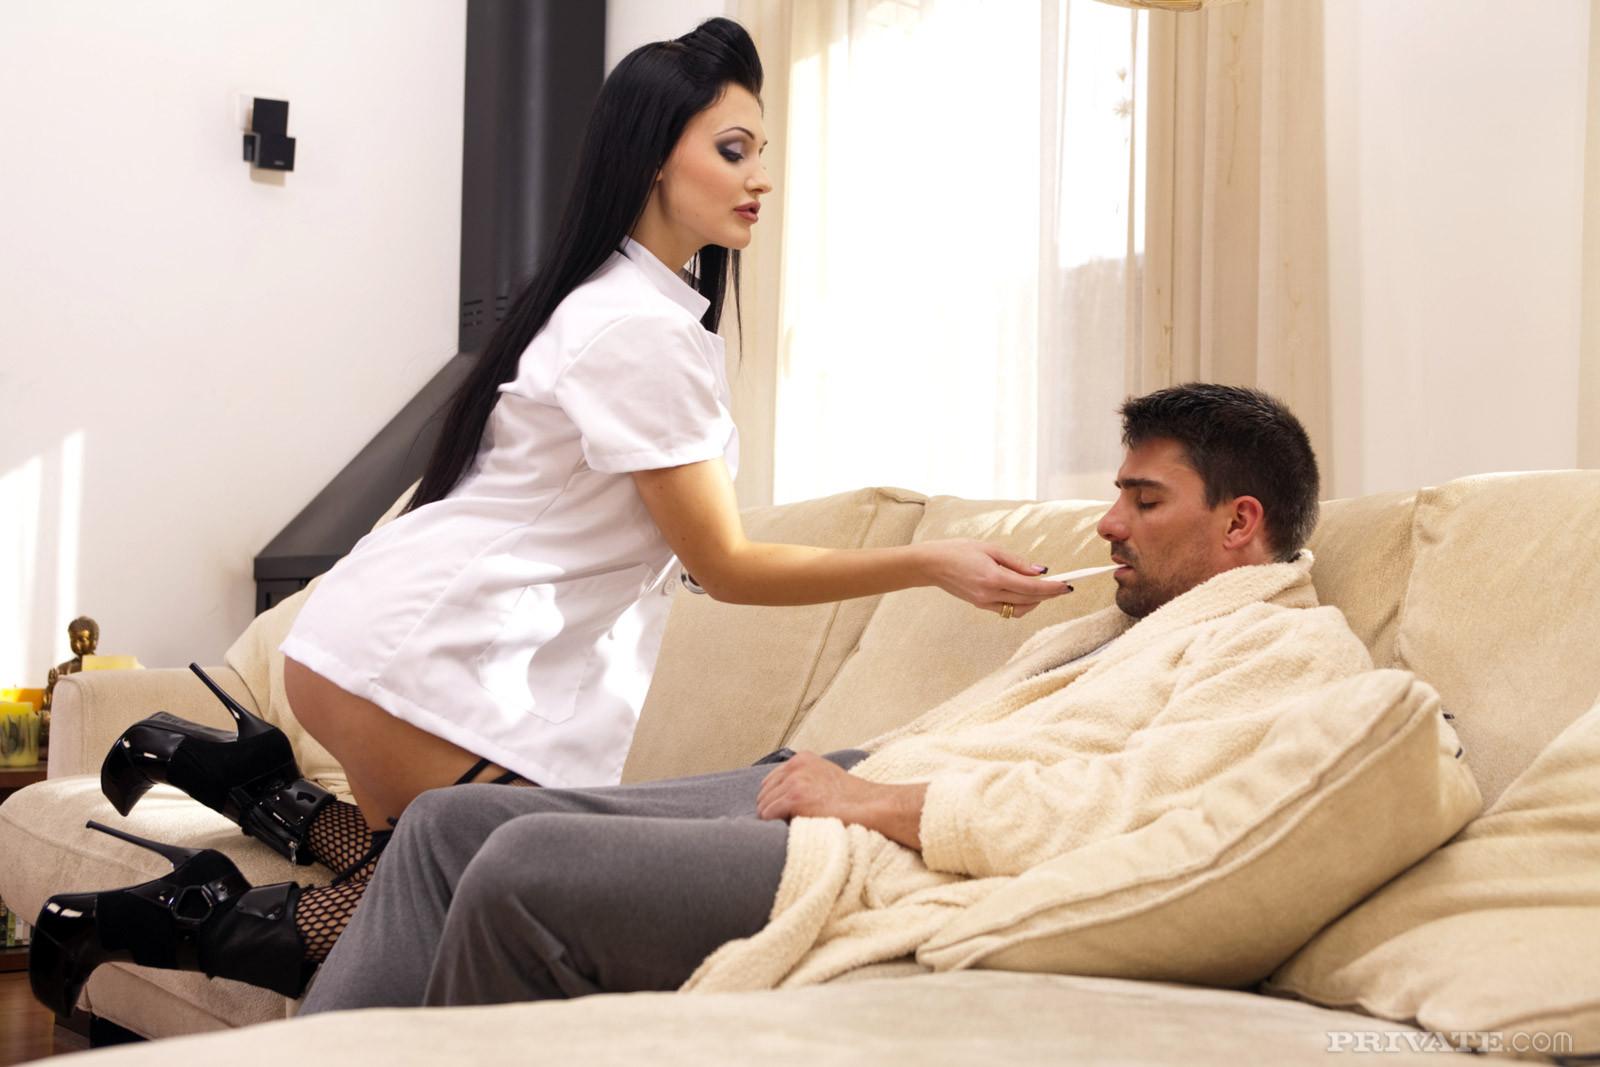 Алетта – сексуальная доктор, которая способна вылечить пациента с помощью своего тела и больших буферов